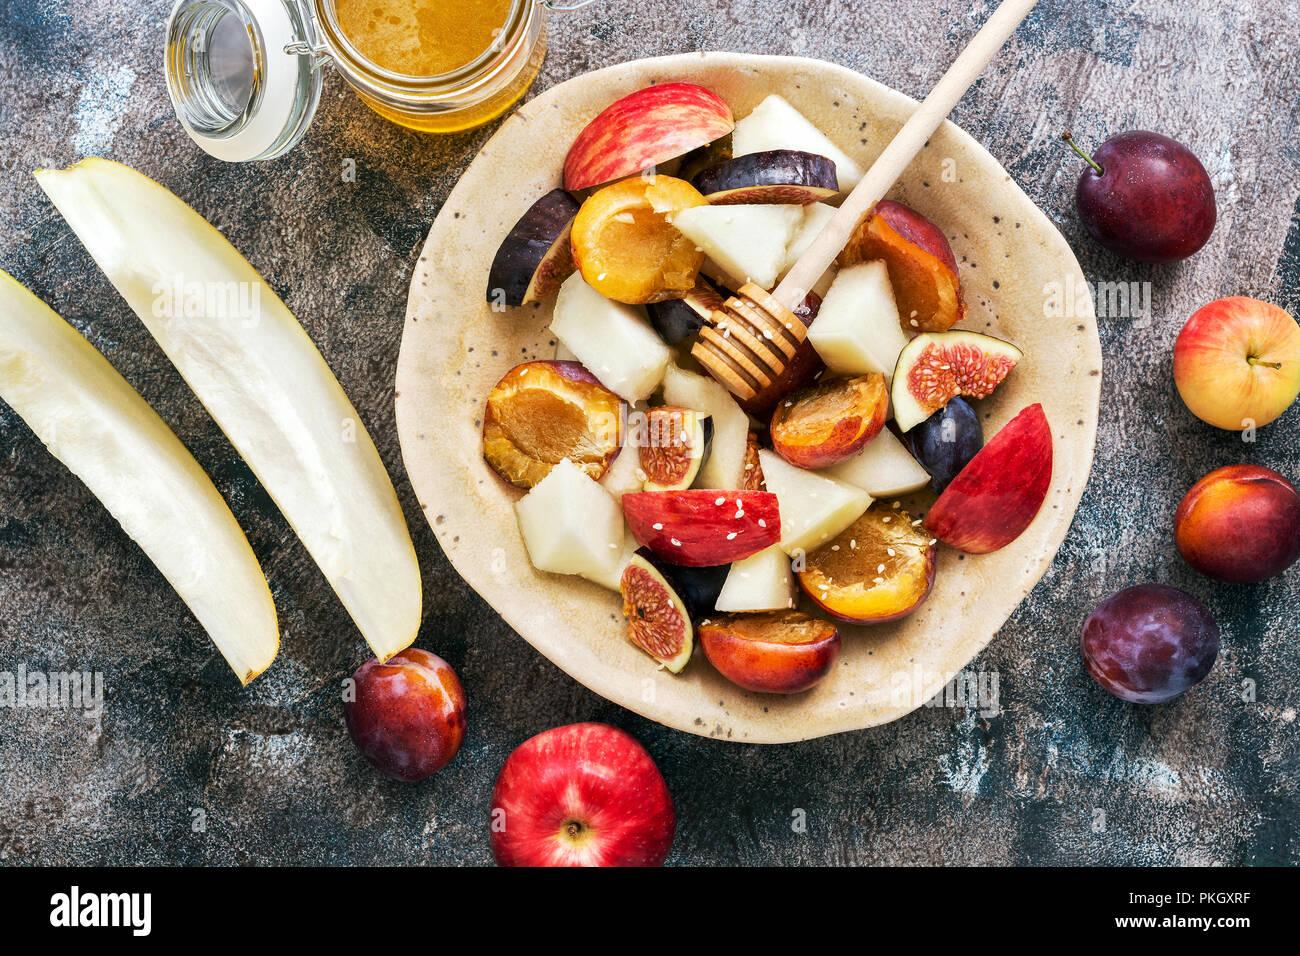 Ensalada de frutas frescas de melón, higos, manzanas, ciruelas y miel en un oscuro fondo rústico, vista superior. El concepto de alimentación saludable laicos plana. Imagen De Stock